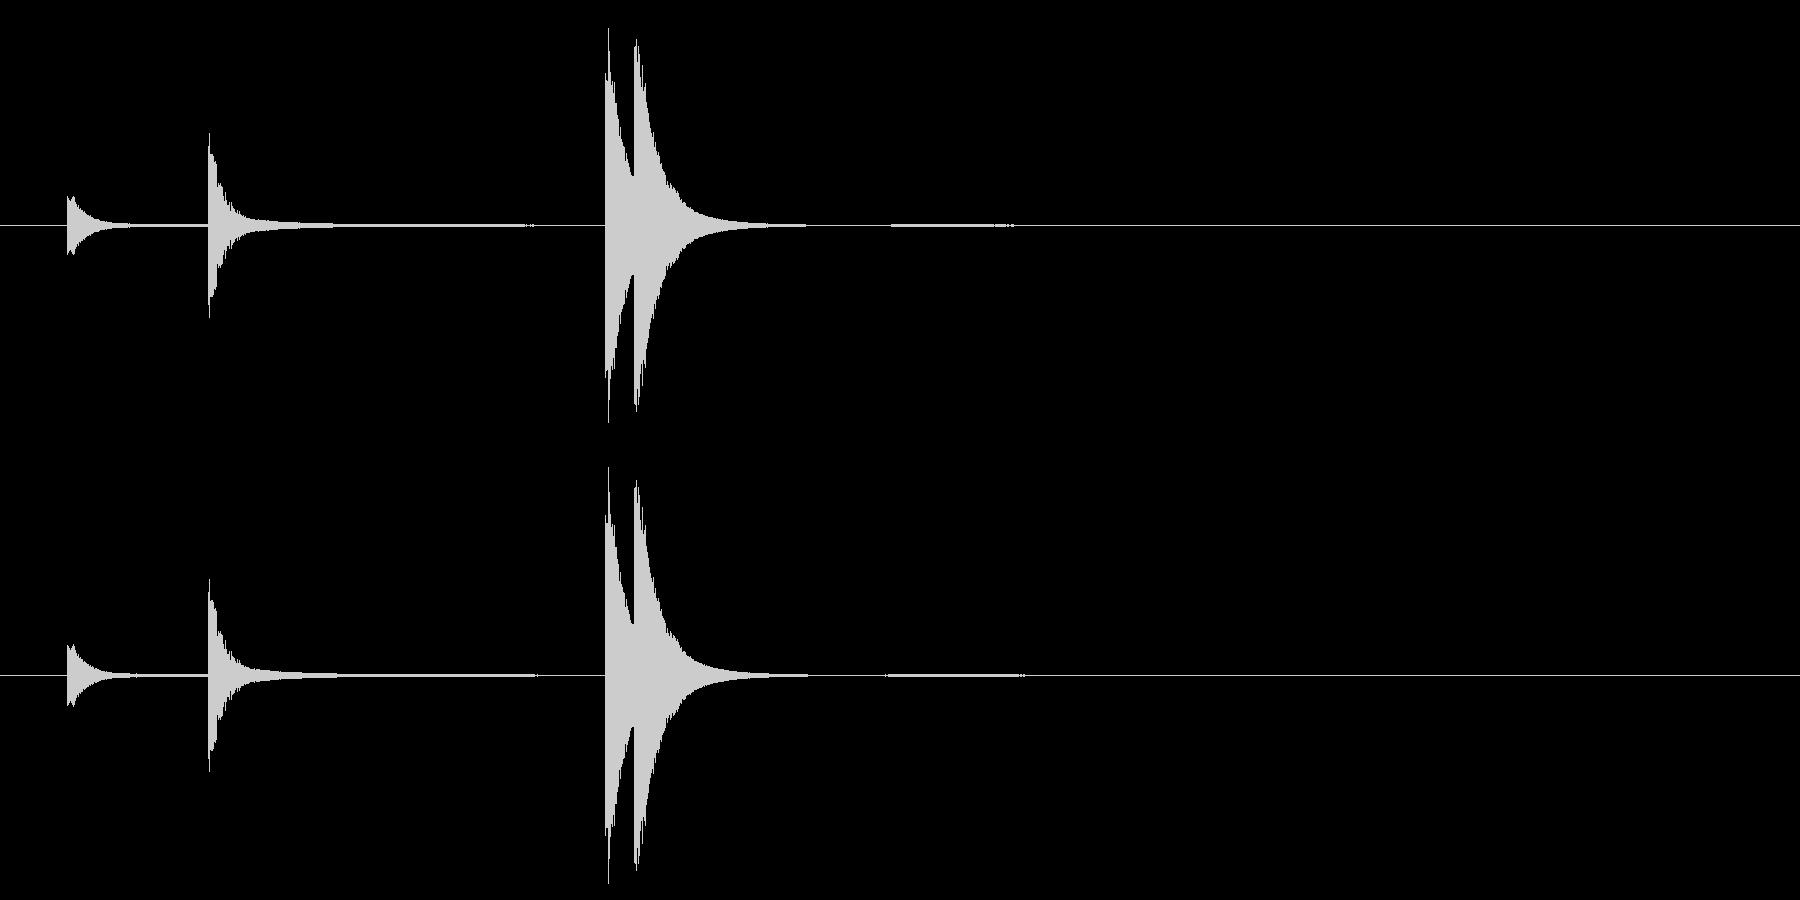 素朴な風鈴の音#1の未再生の波形